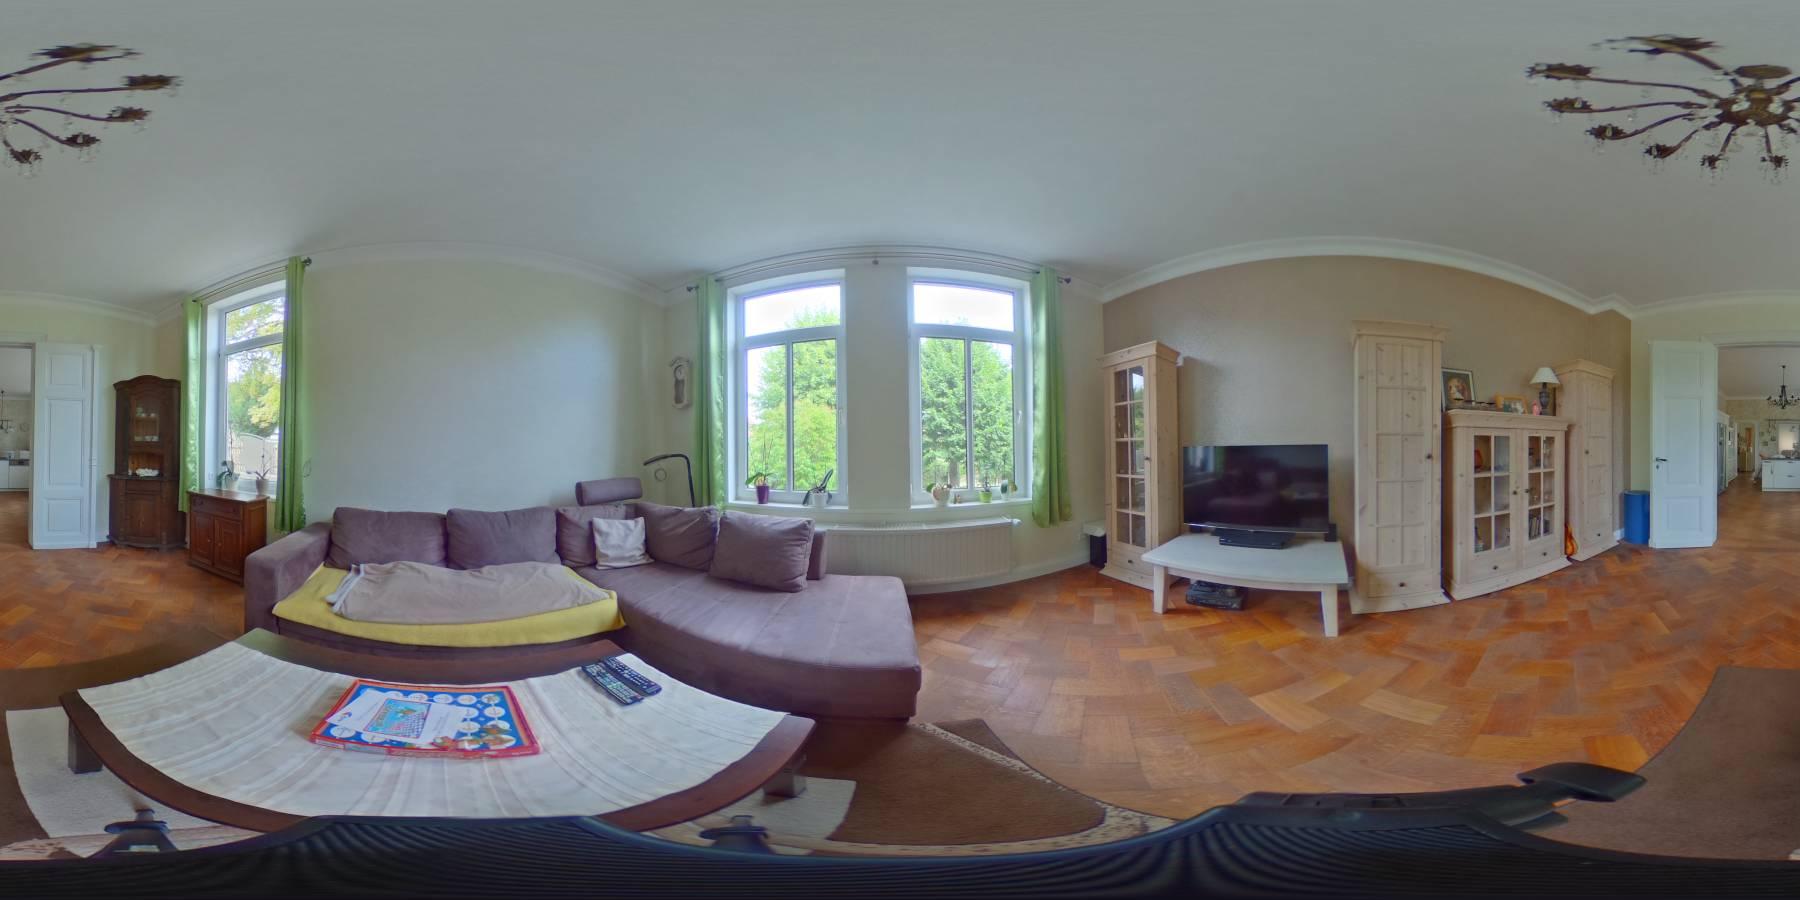 Stadtvilla inklusive 2 Ferienwohnungen + Pool in Blankenburg zu verkaufen. 360 Grad